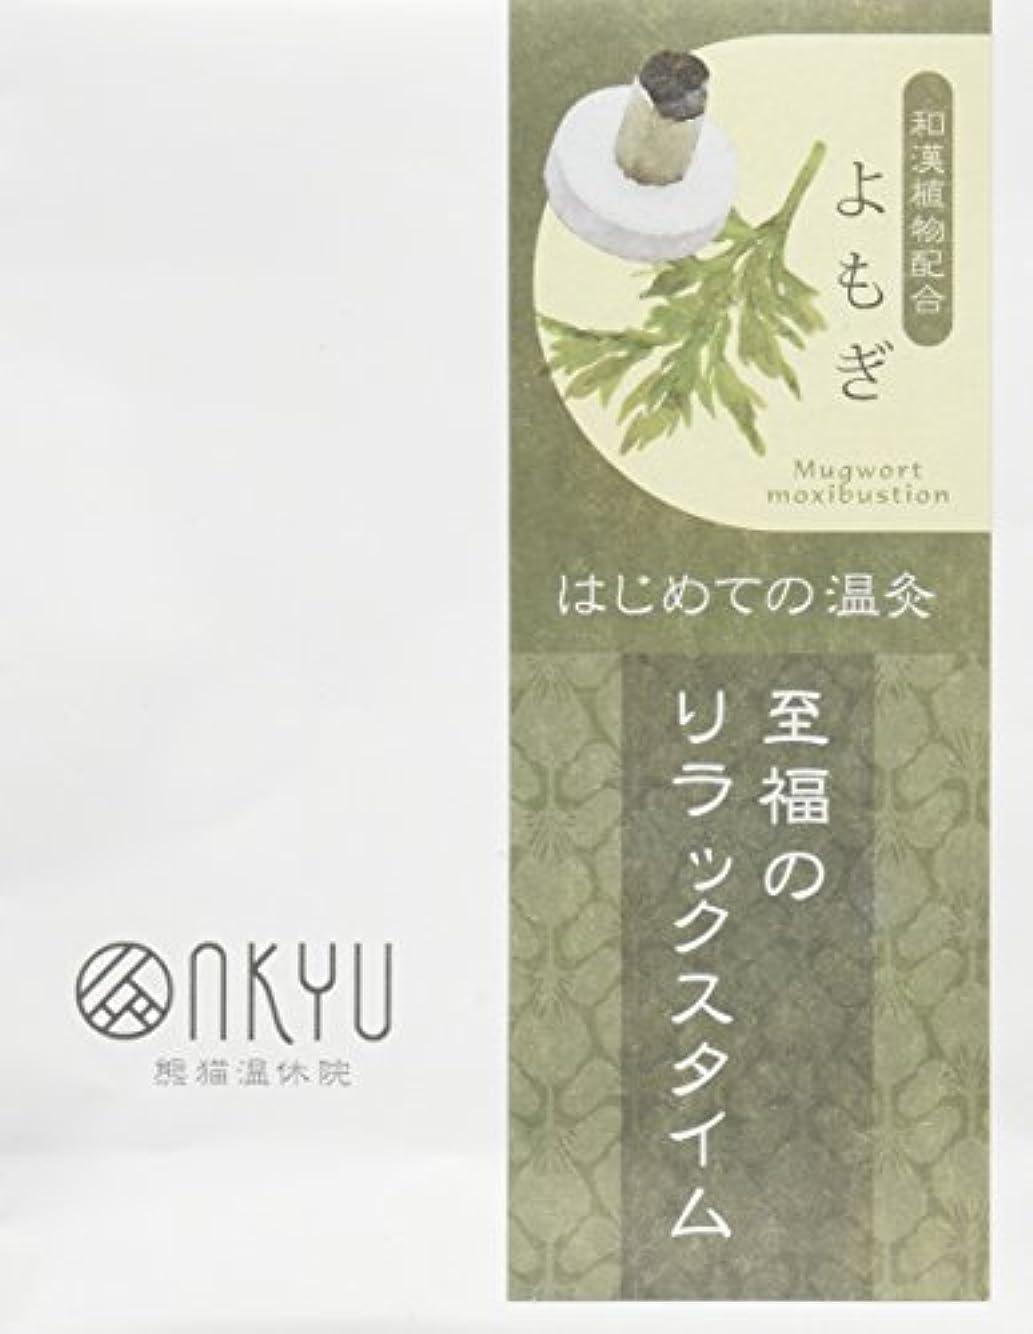 主張するマニアック絶望的な和漢植物配合 温灸 よもぎの温灸10粒